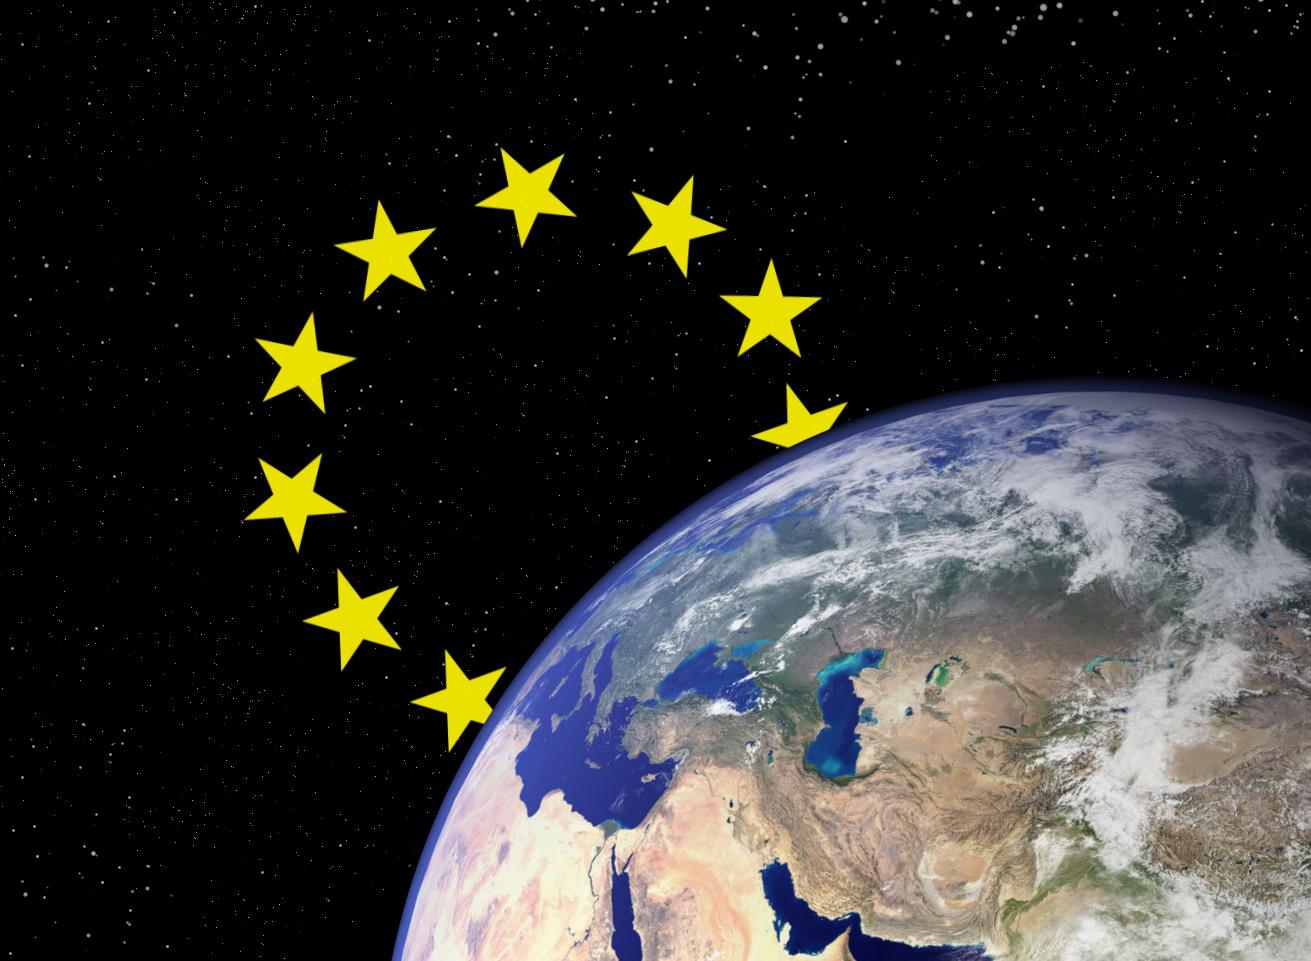 Държавите в Европа и в Азия принуждават науката в САЩ да се бори за по-голямо финансиране